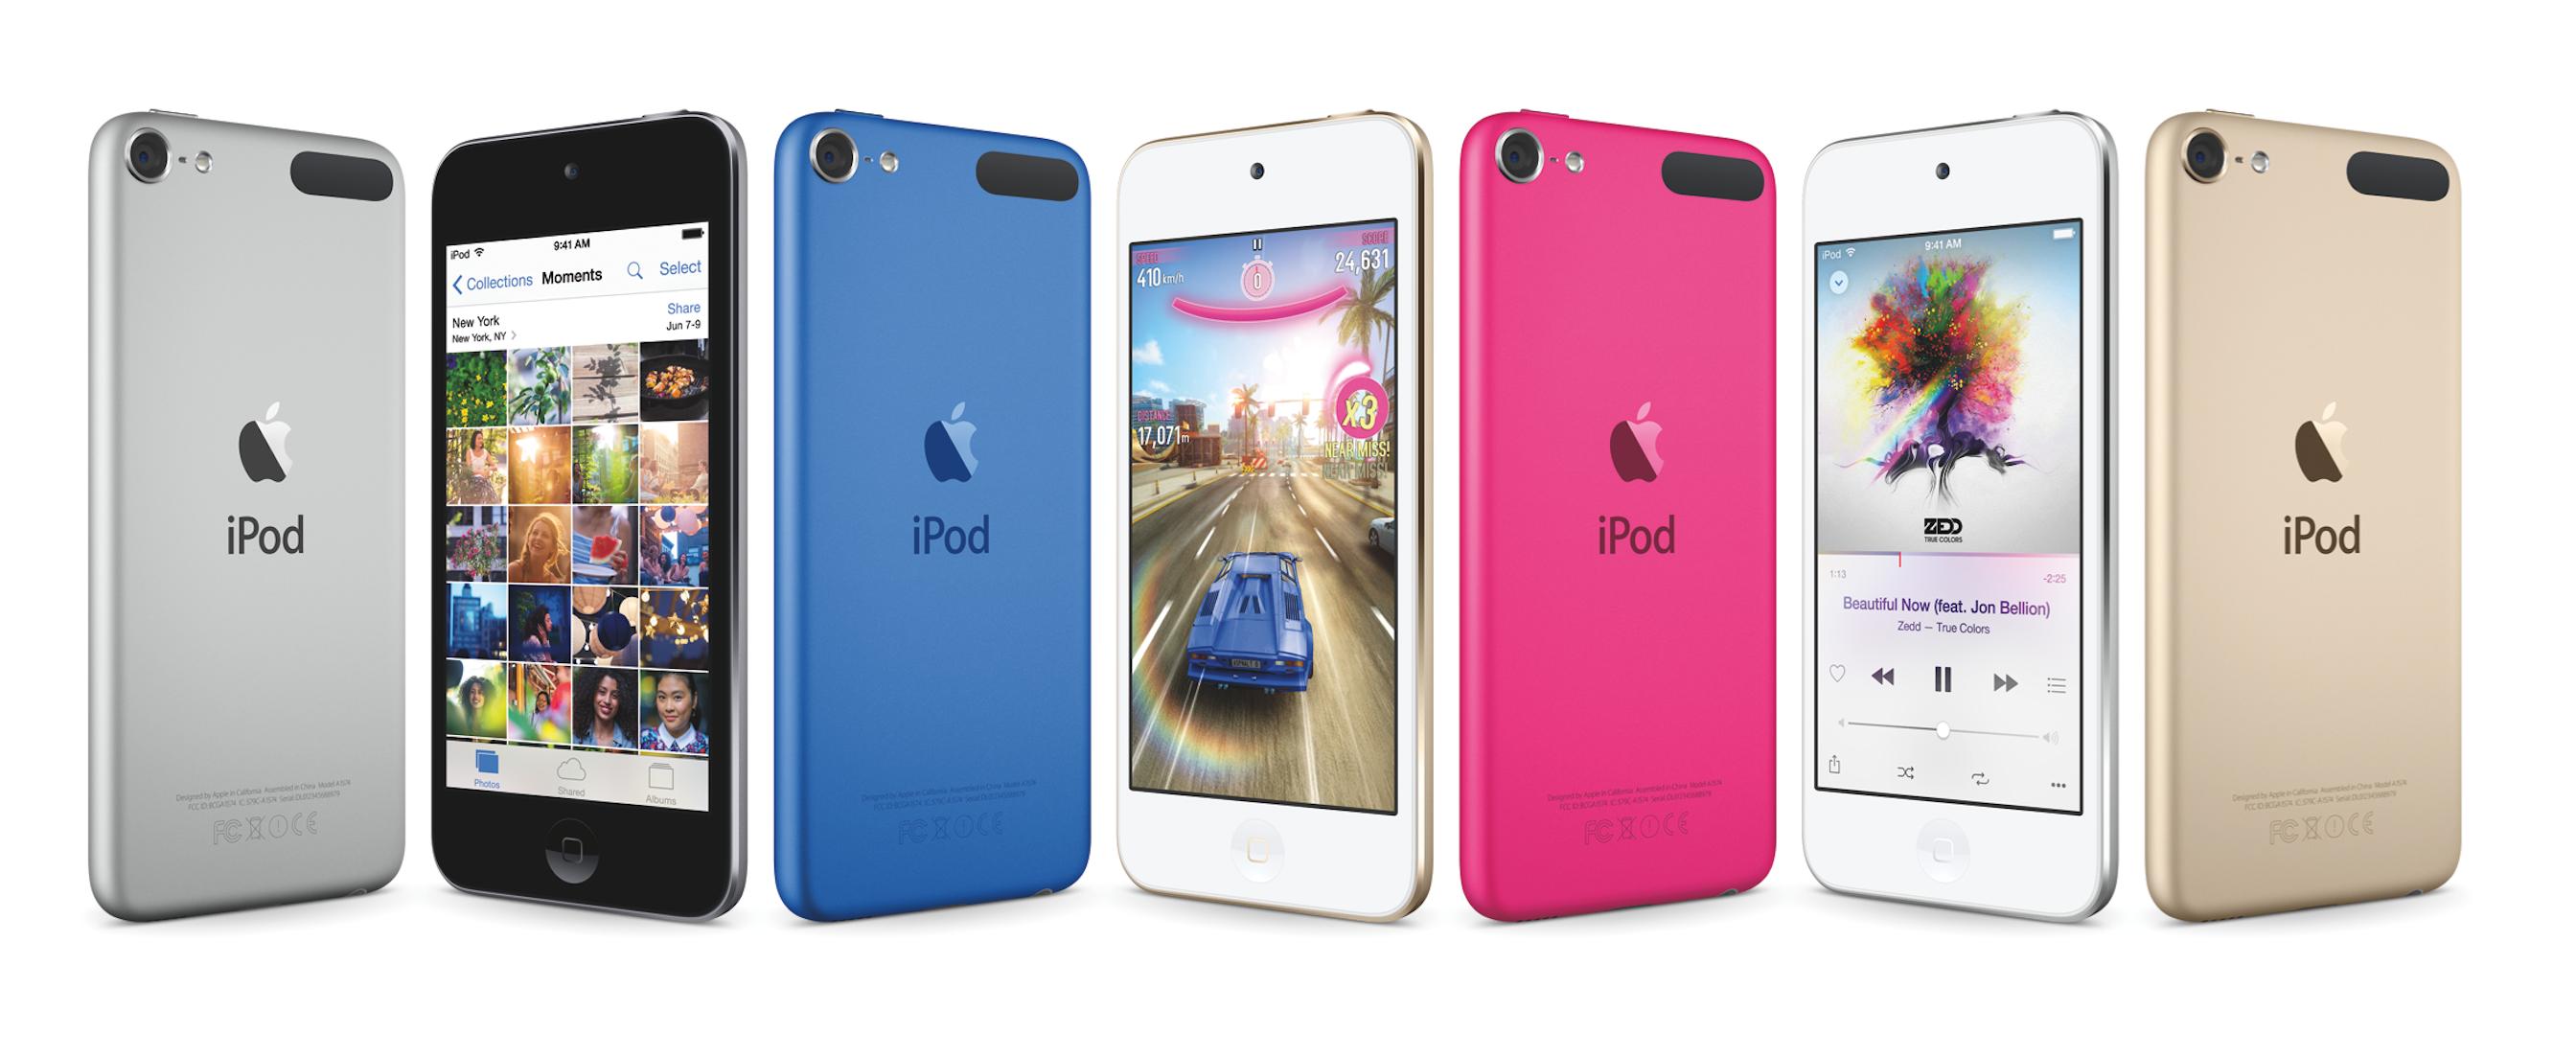 Apple'dan Yeni iPod Touch, iPod Shuffle ve iPod Nano ! Yeni Renkleri ile Karşınızda!